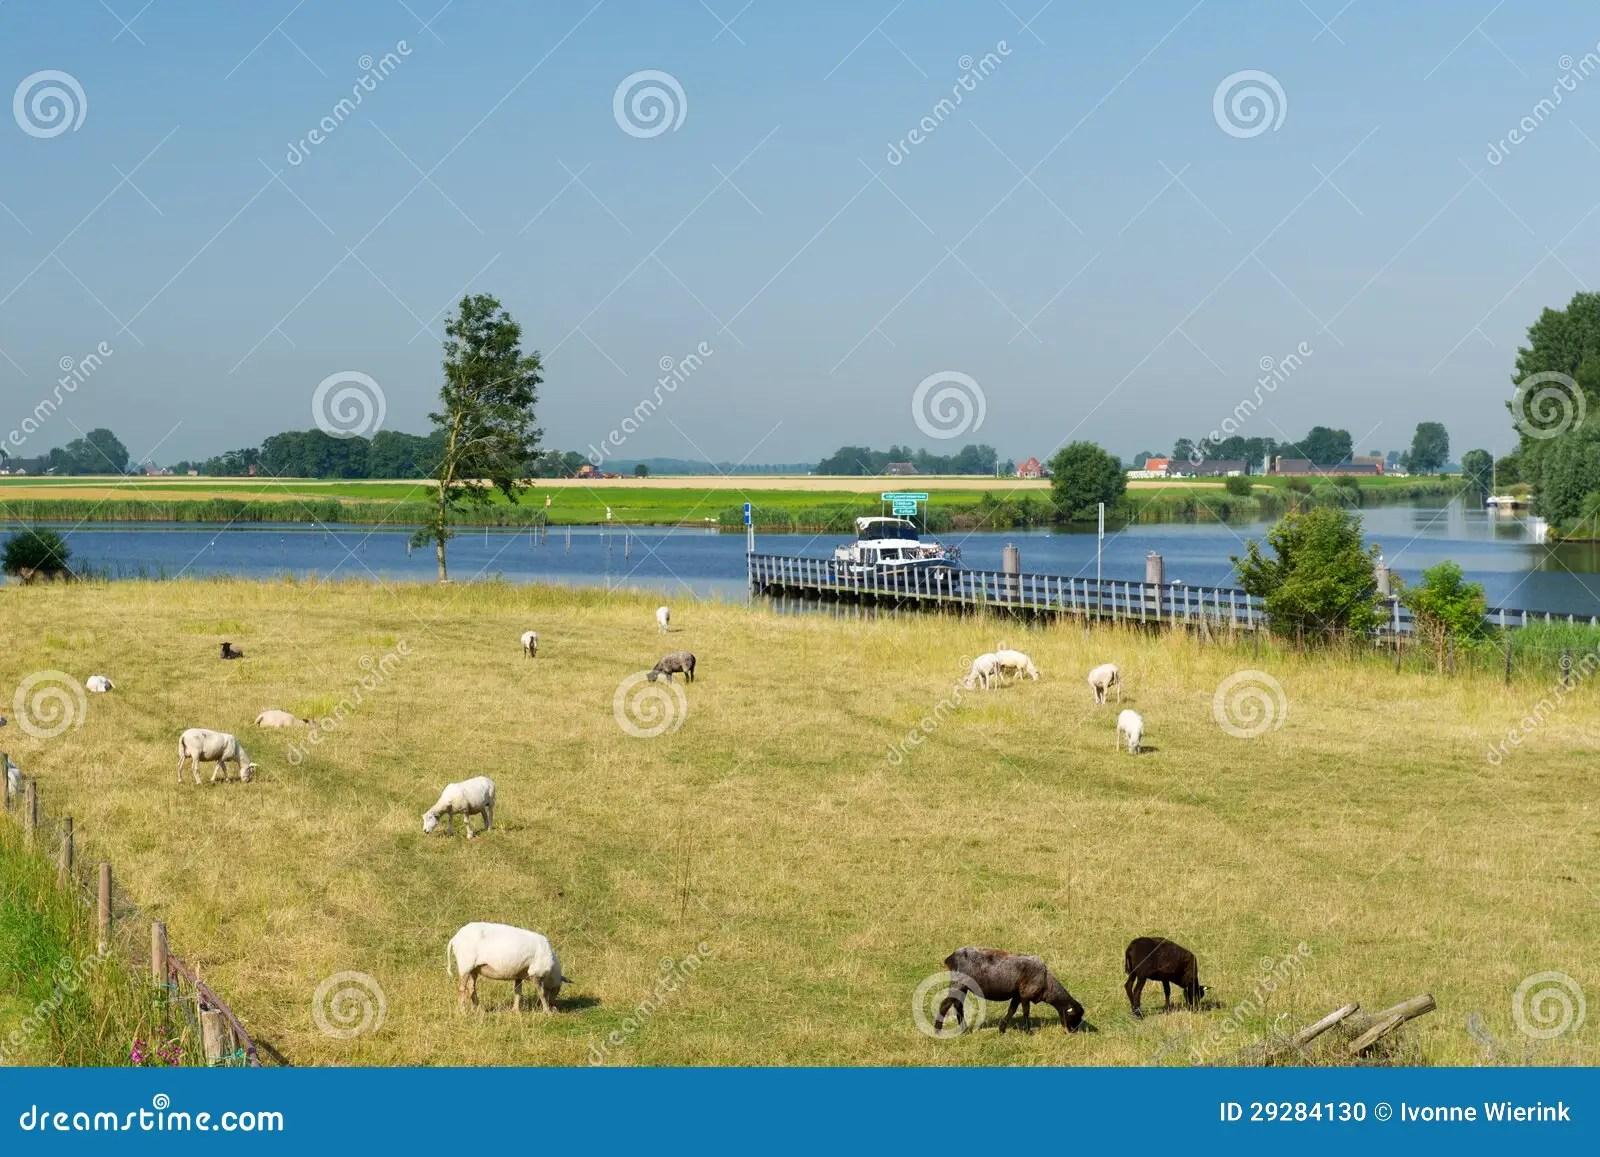 Paesaggio Olandese Con I Crogioli E Le Pecore Di Acqua